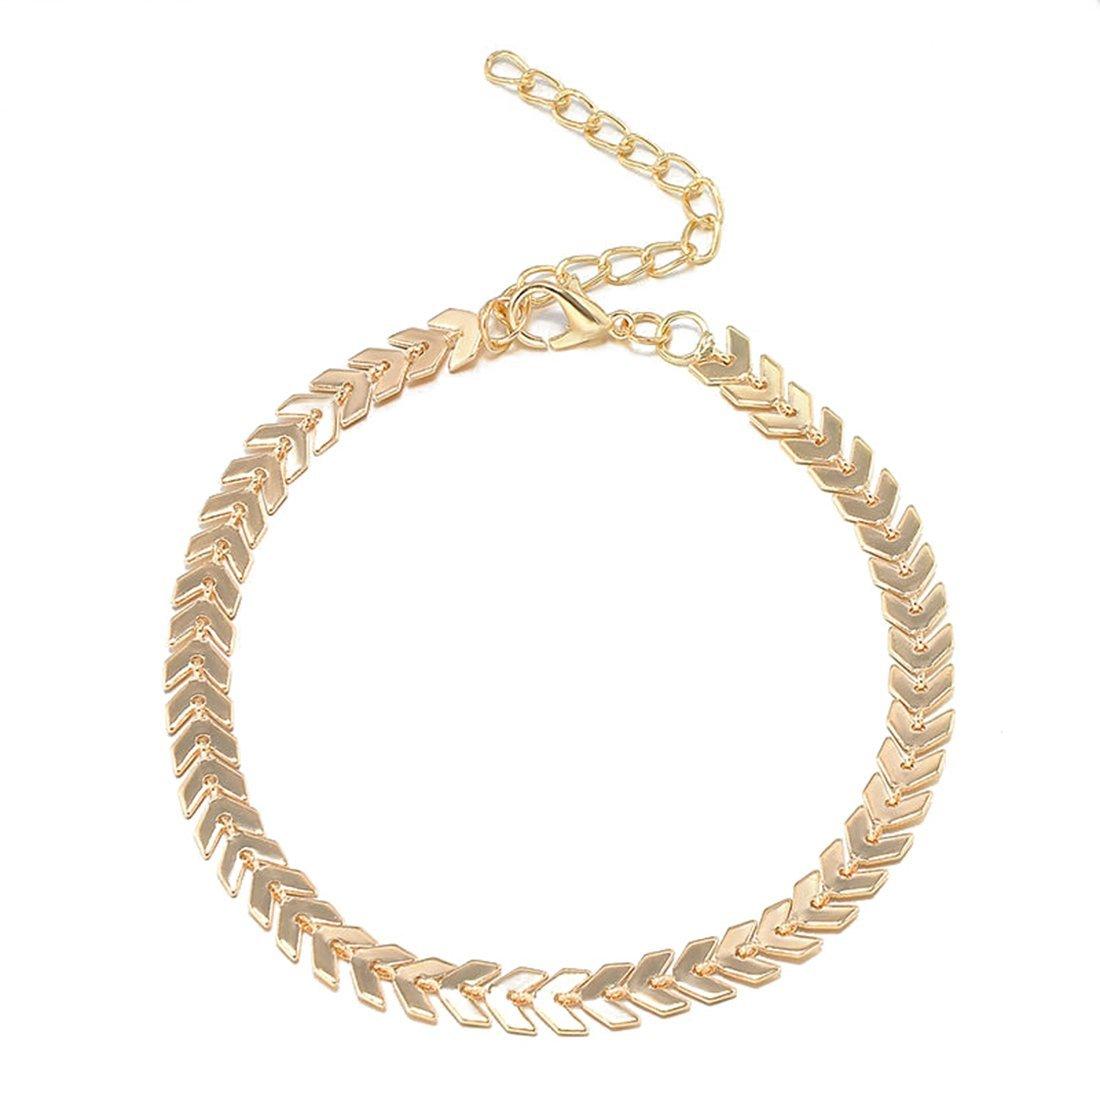 Idealhere Fashion Flat Snake Ankle Chain Bracelet Barefoot Sandal Beach Anklet JA0021632G